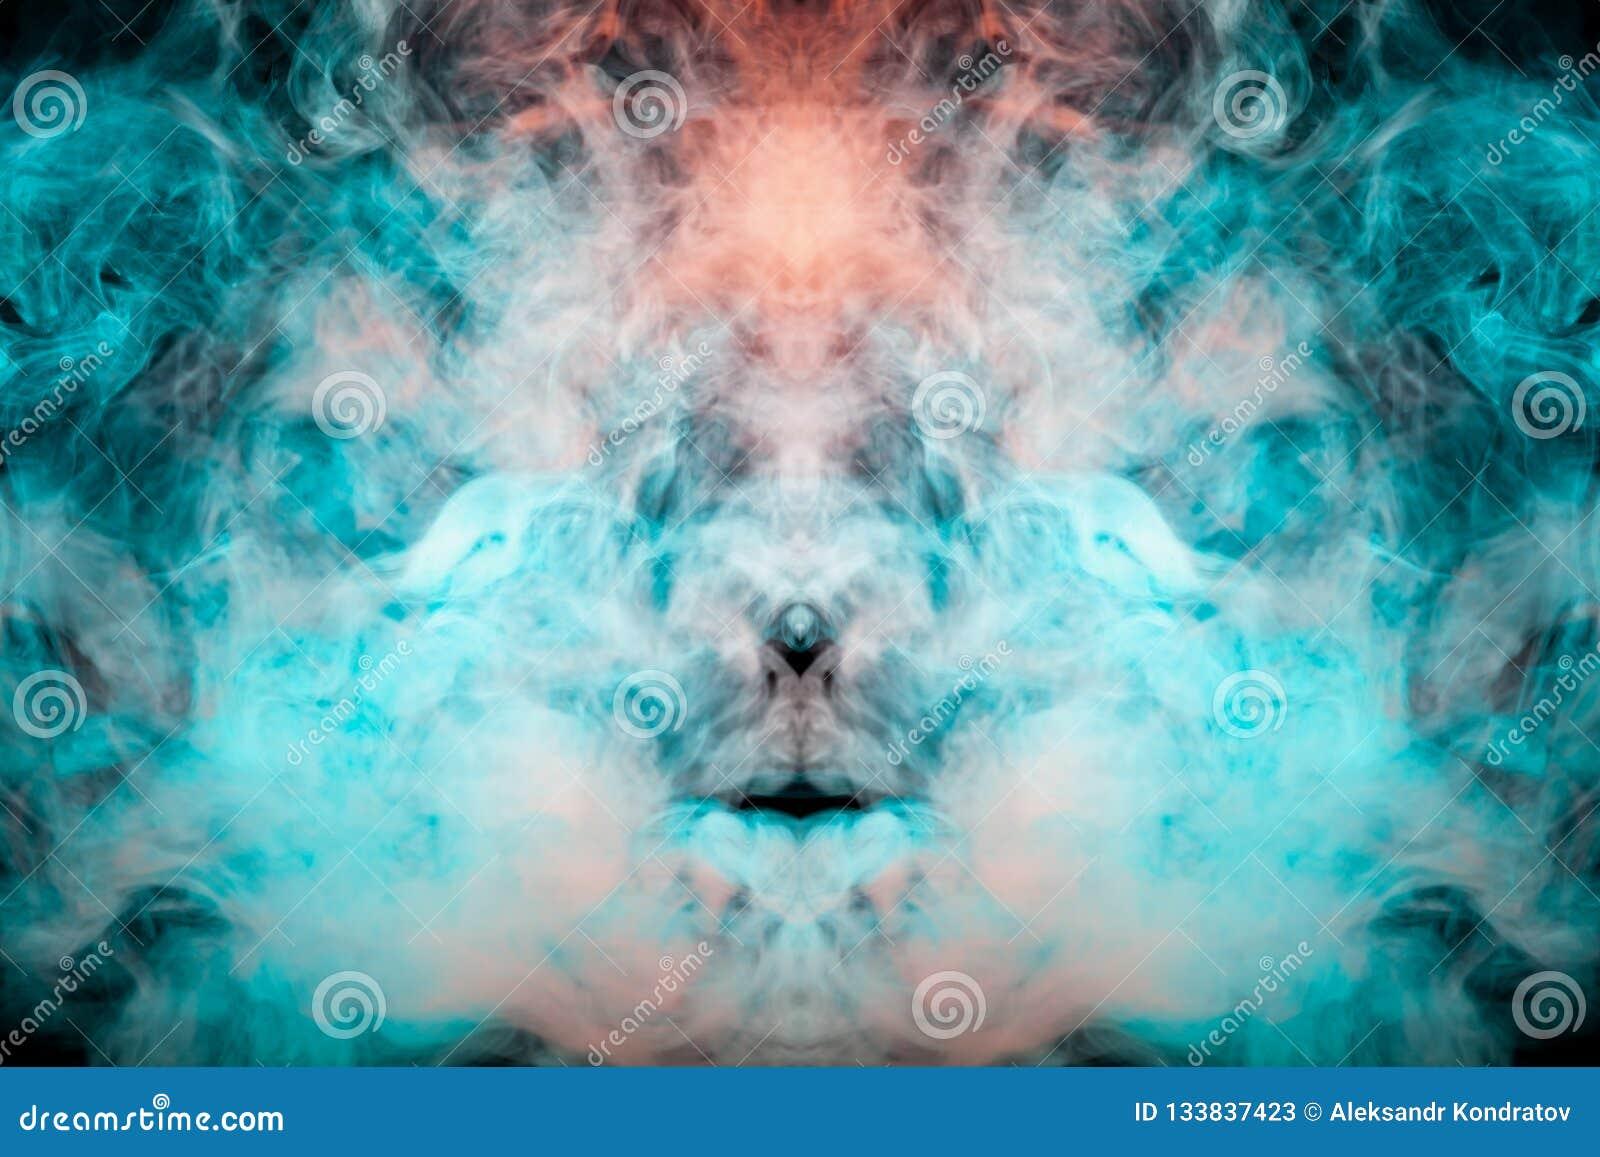 Bleu Et Vert Quel Couleur modèle mystique de crâne dans une fumée de tourbillonnement